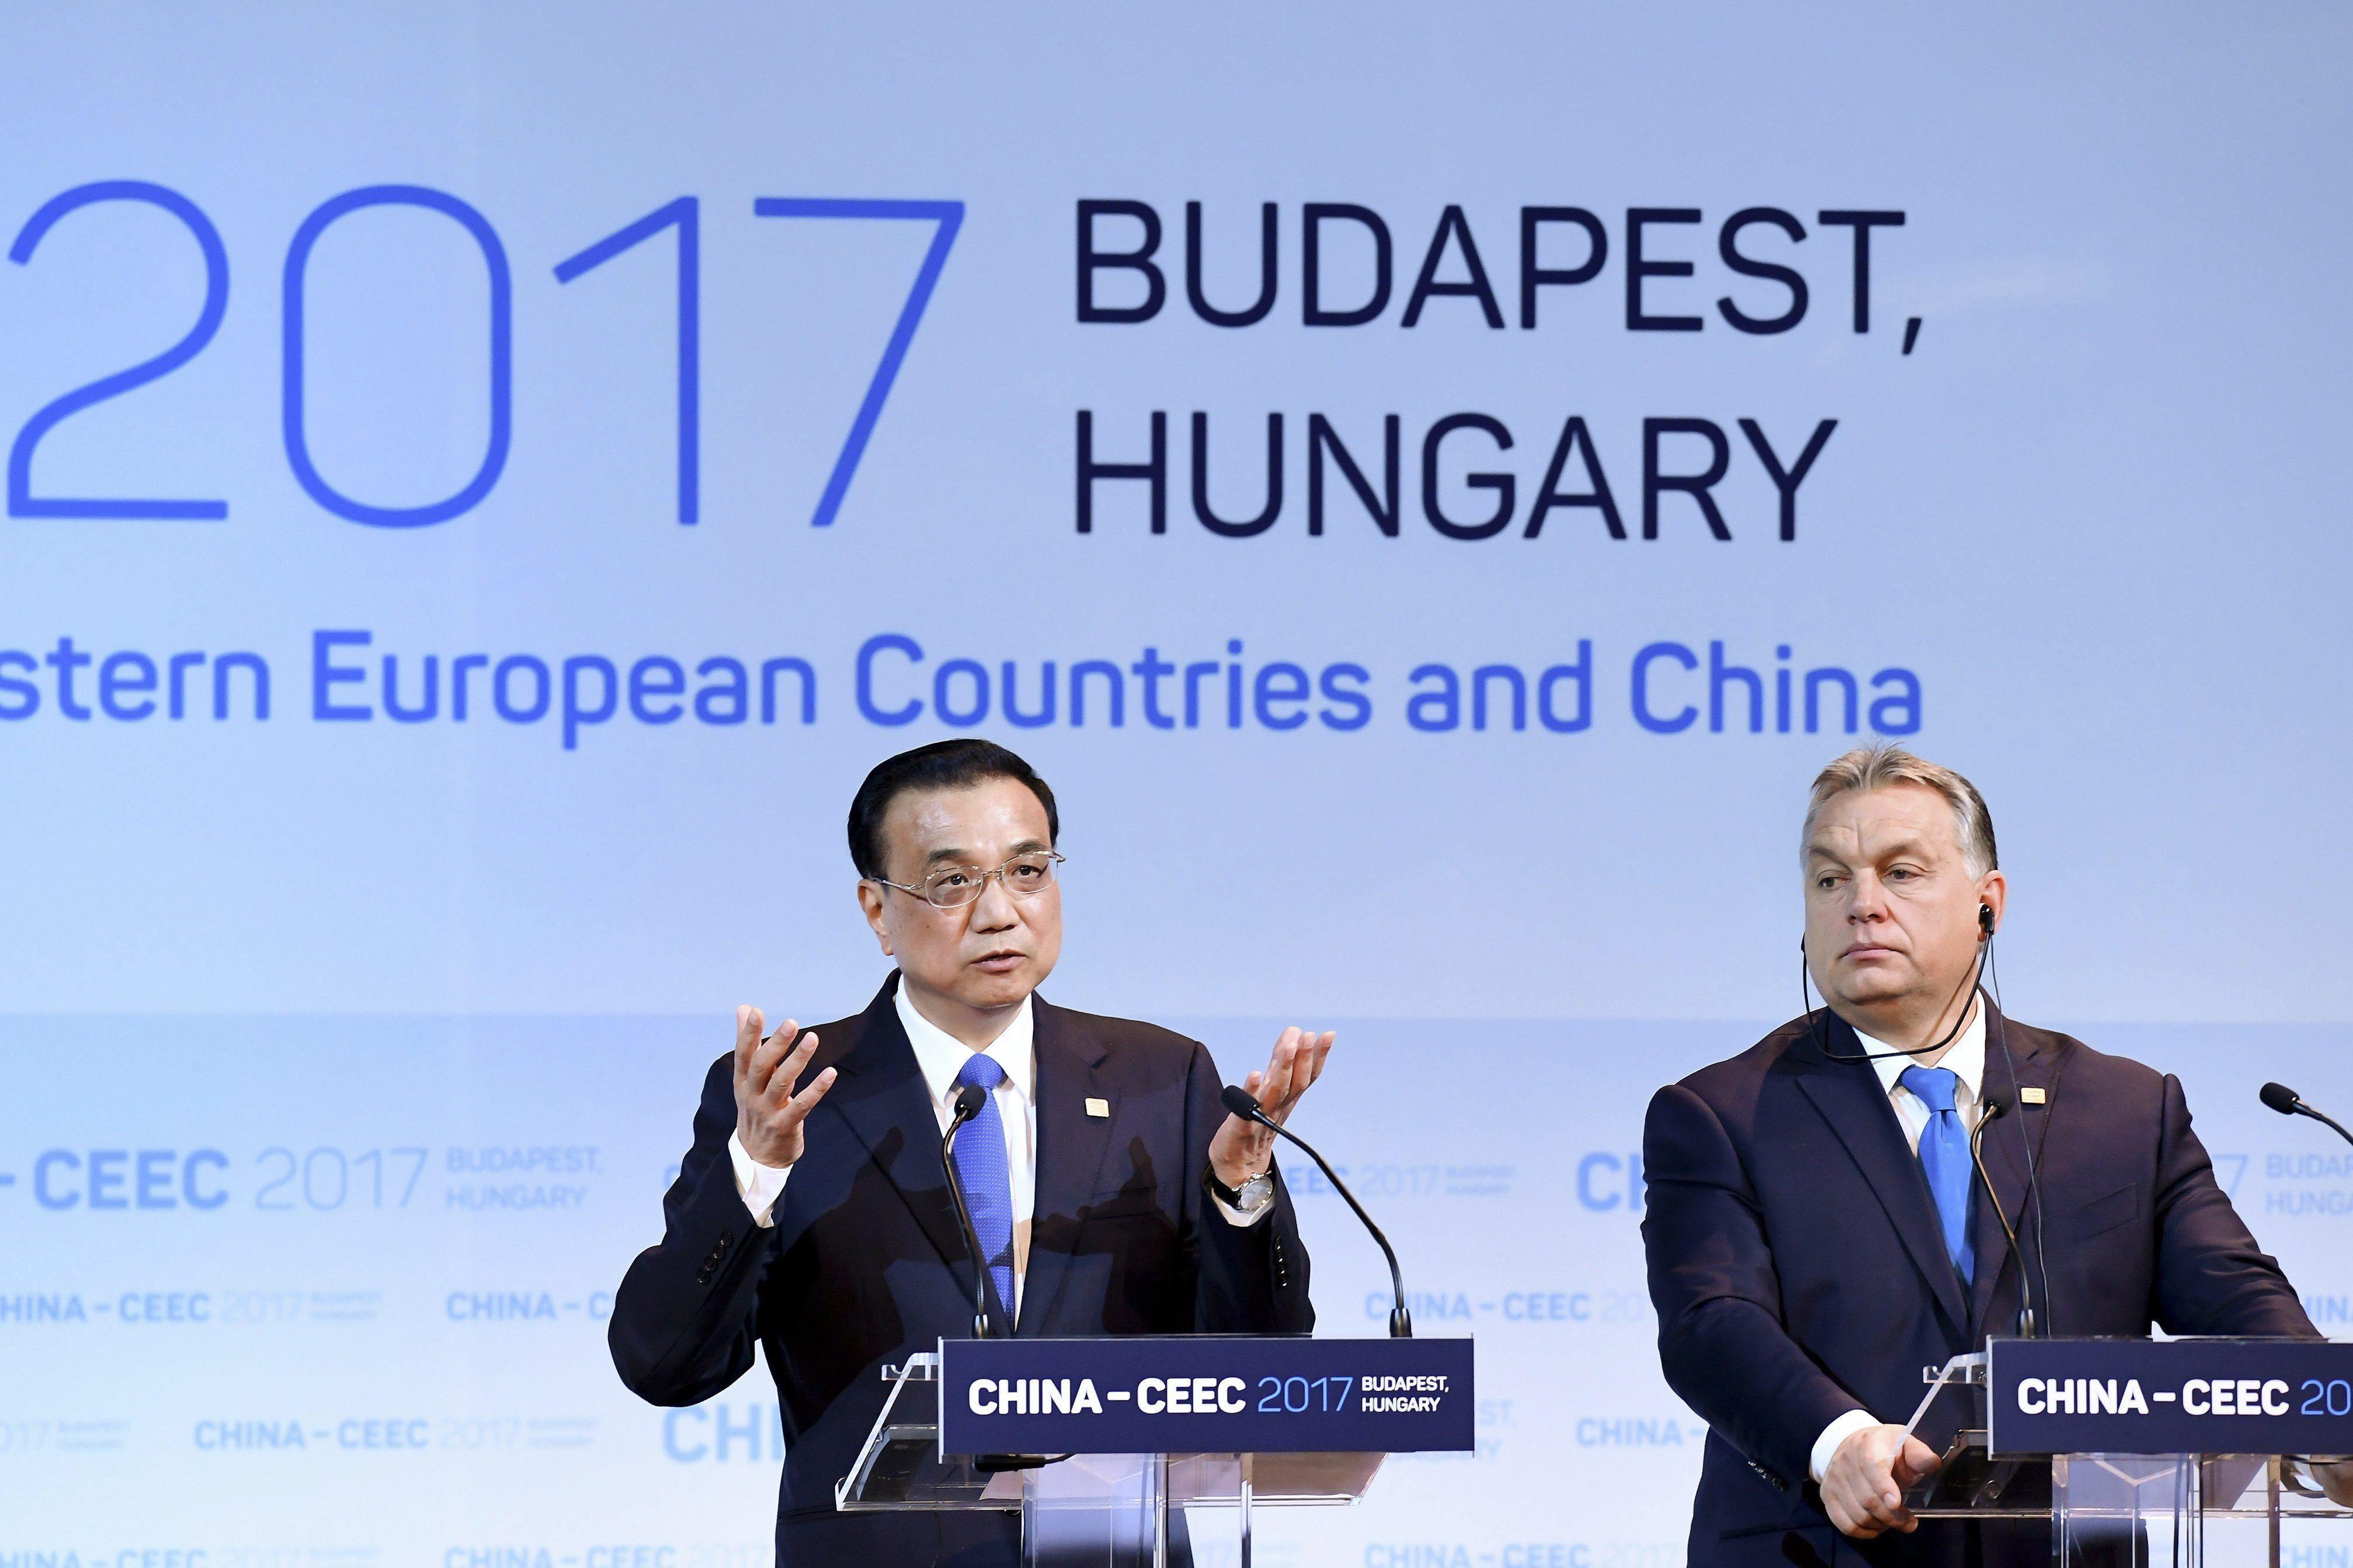 Какви цели преследва Китай в Източна Европа?